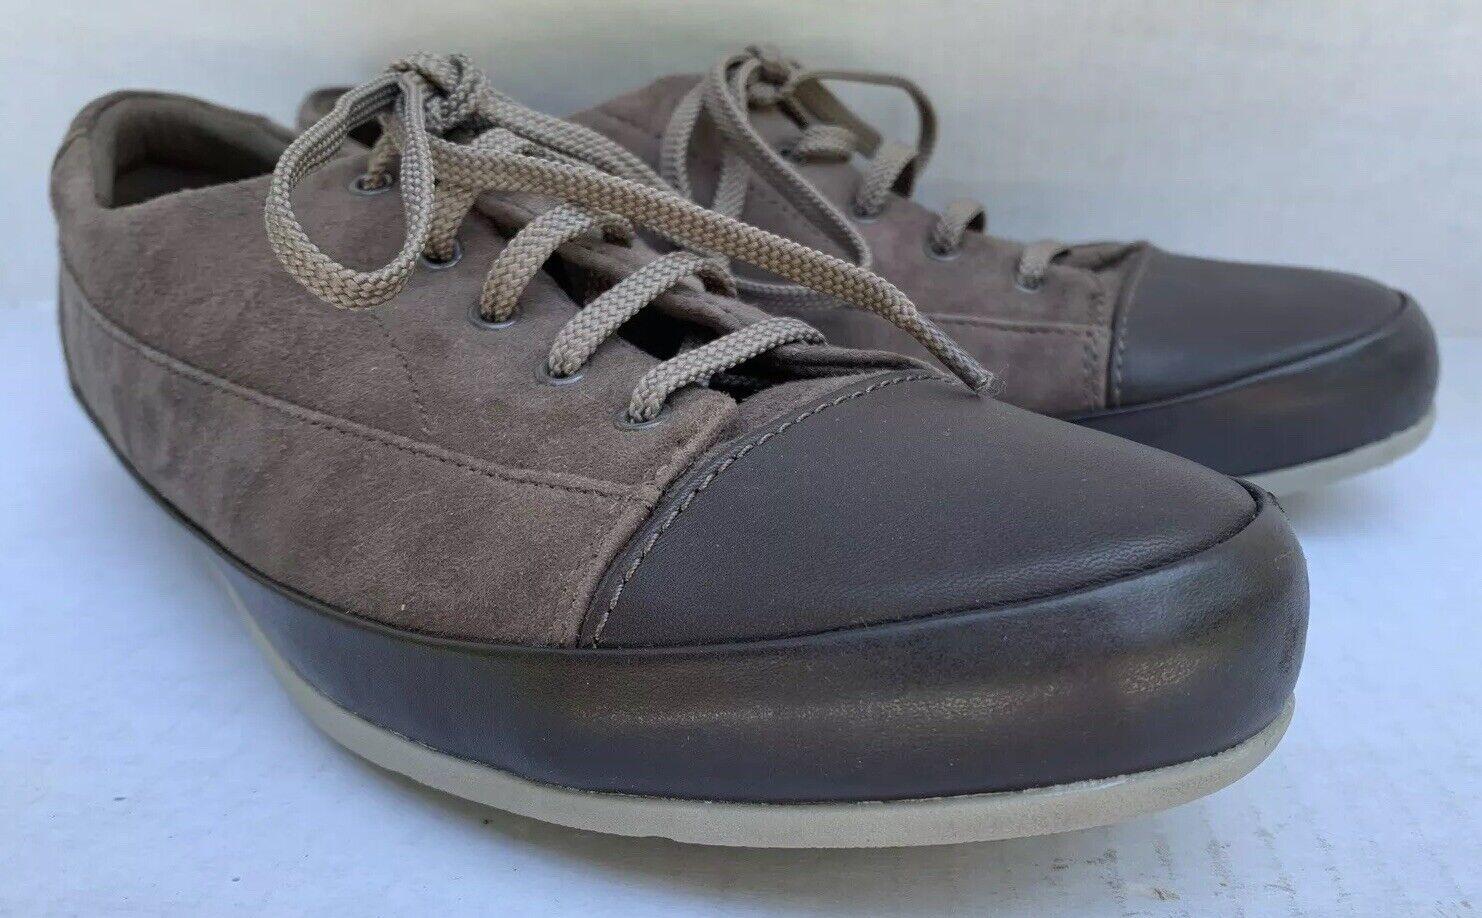 Clarks Zapatos Tenis Colección Suave Cojín, Marrón, nos para Mujer M Nuevo Sin Caja